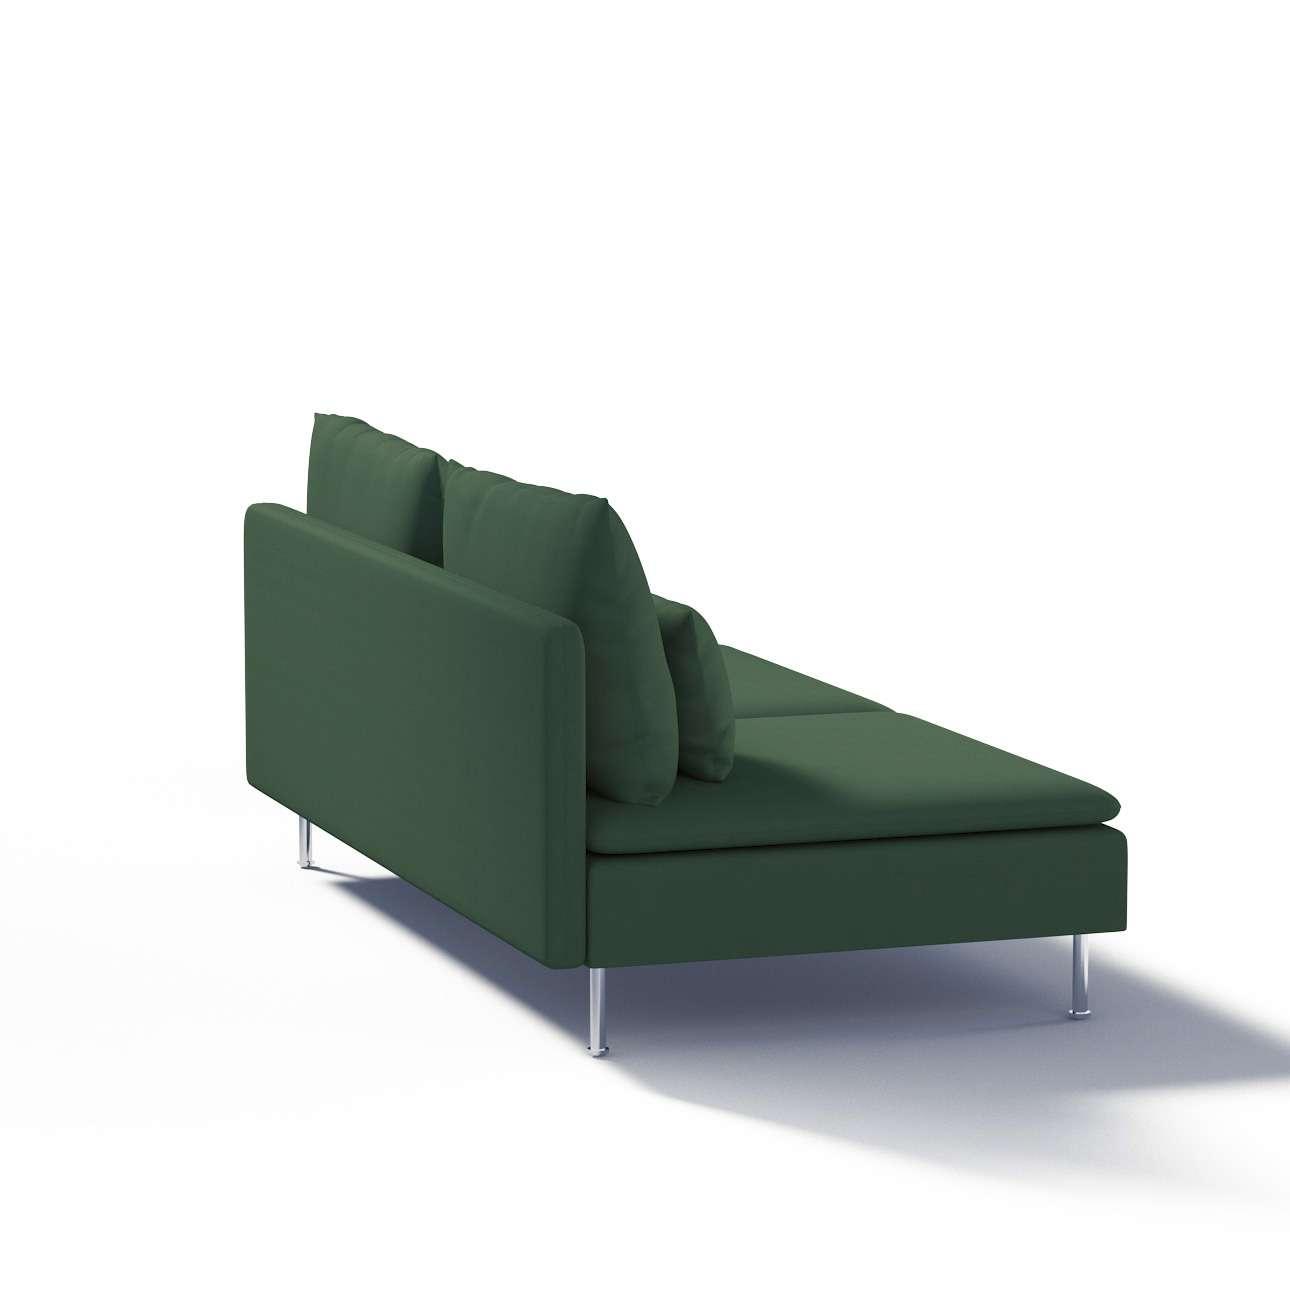 Ikea Söderhamn trivietei sofai užvalkalas Ikea Söderhamn moduliniai trivietei sofai užvalkalas kolekcijoje Cotton Panama, audinys: 702-06